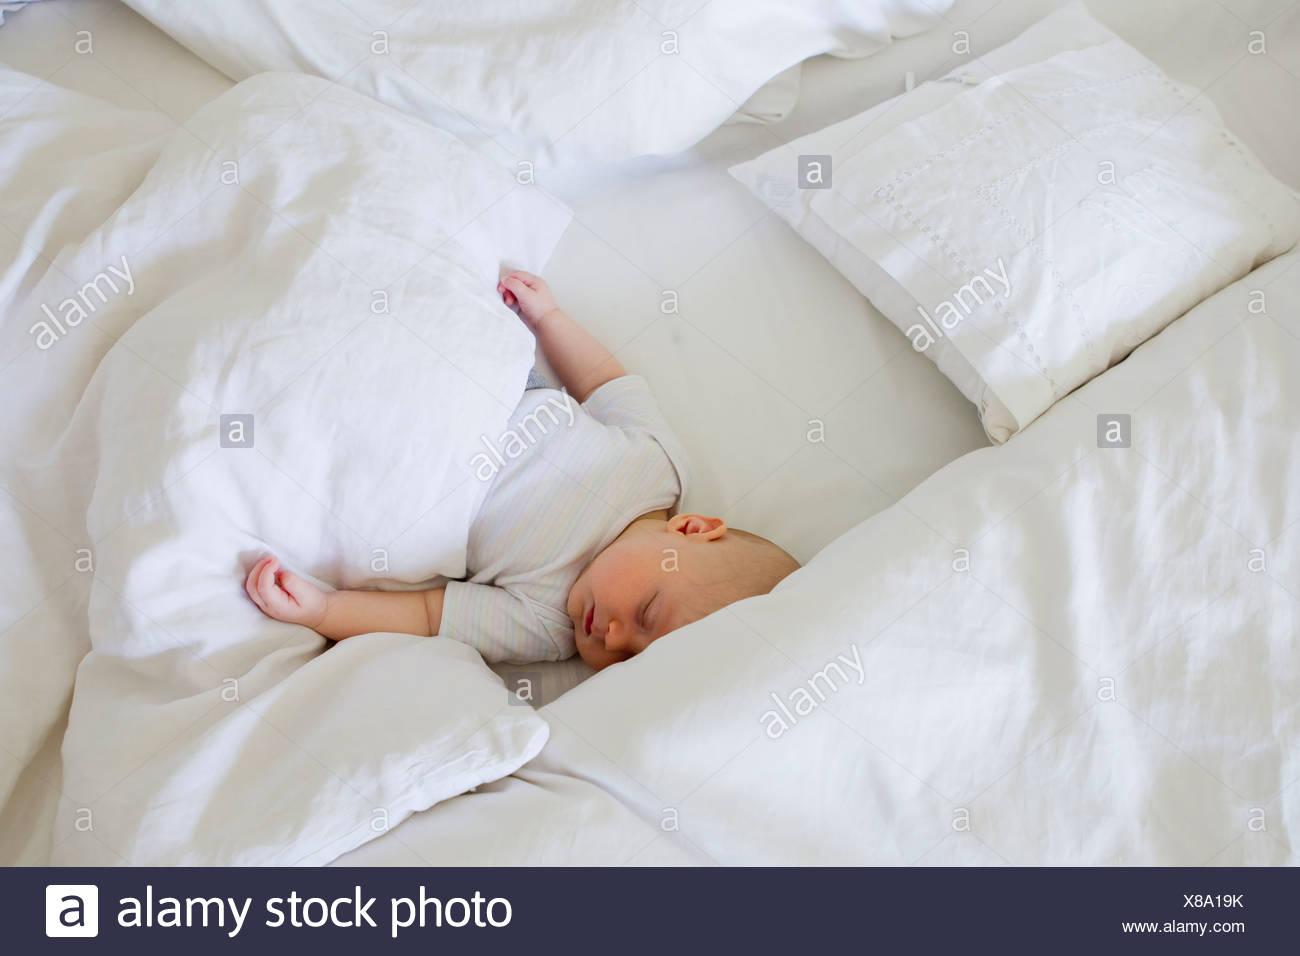 Bambina addormentata nel letto Immagini Stock